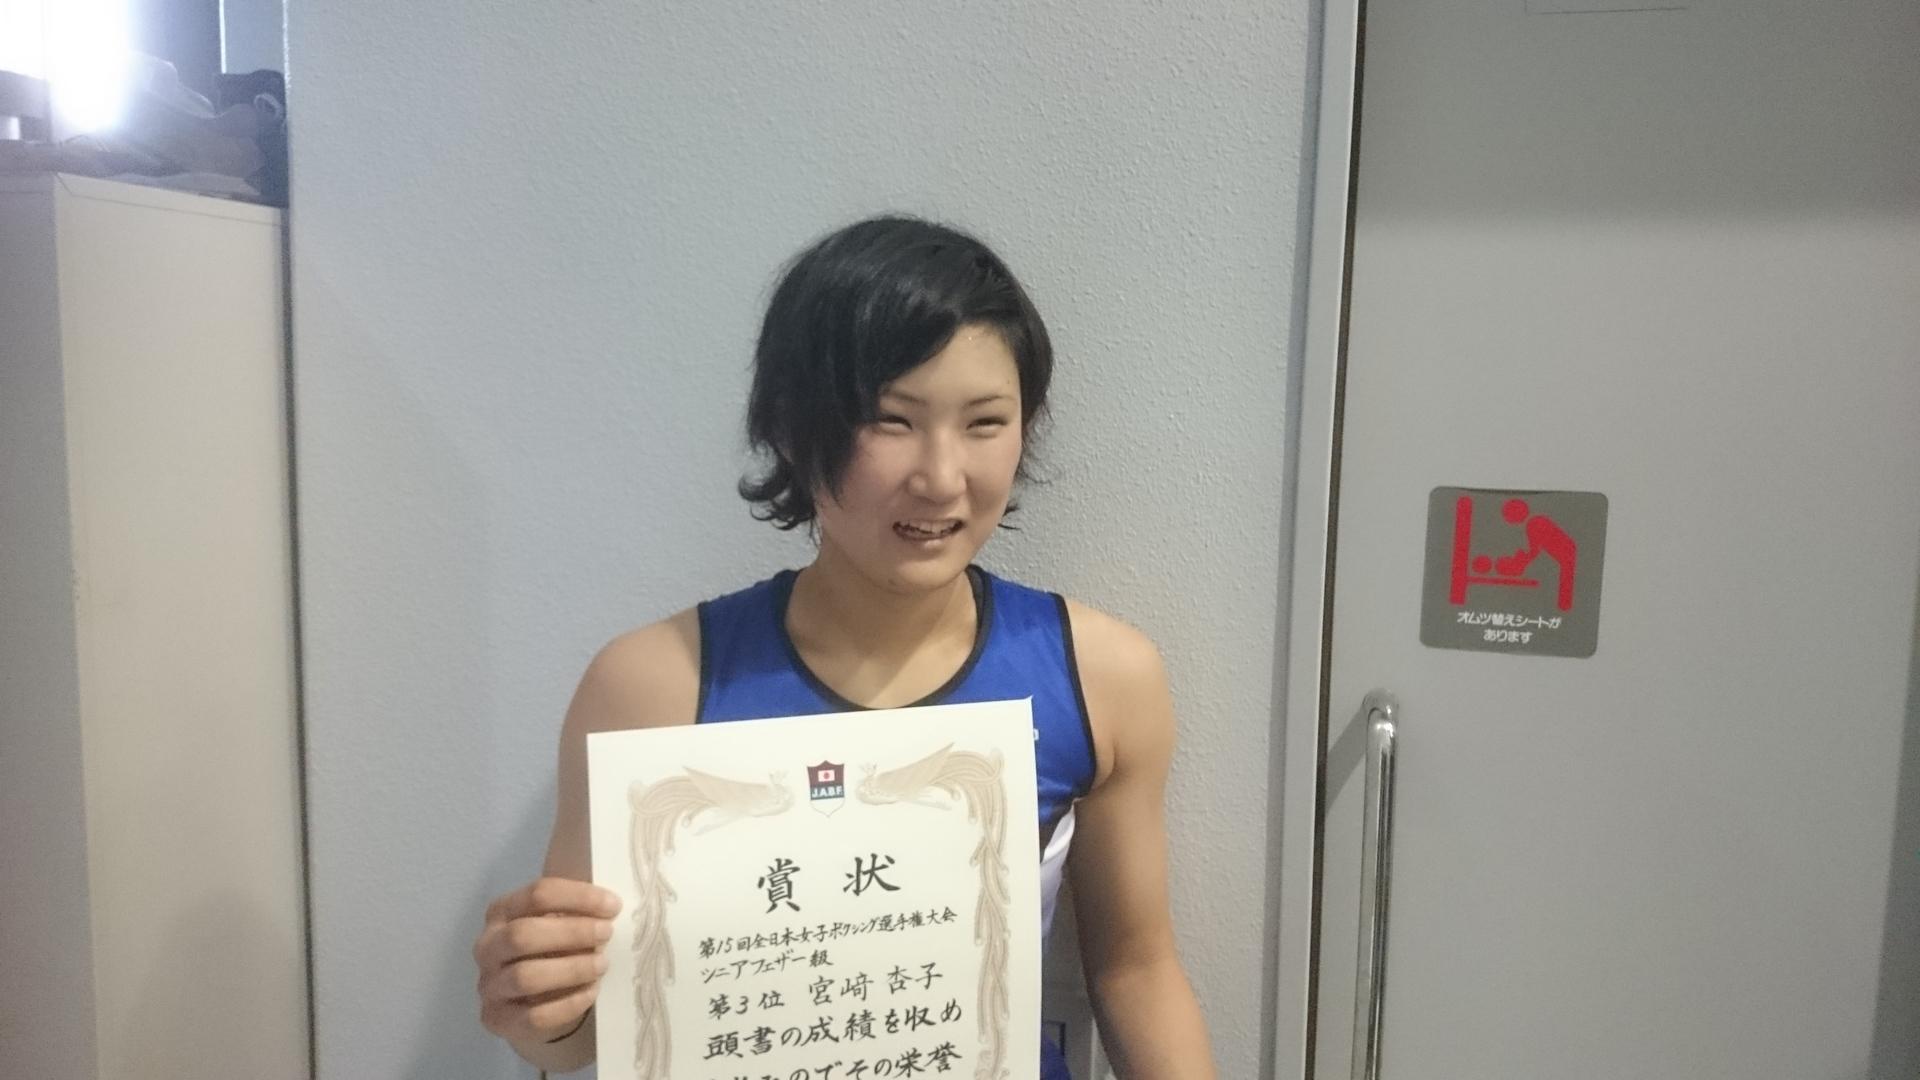 全日本女子ボクシング選手権大会・全日本社会人選手権大会準決勝: かが ...